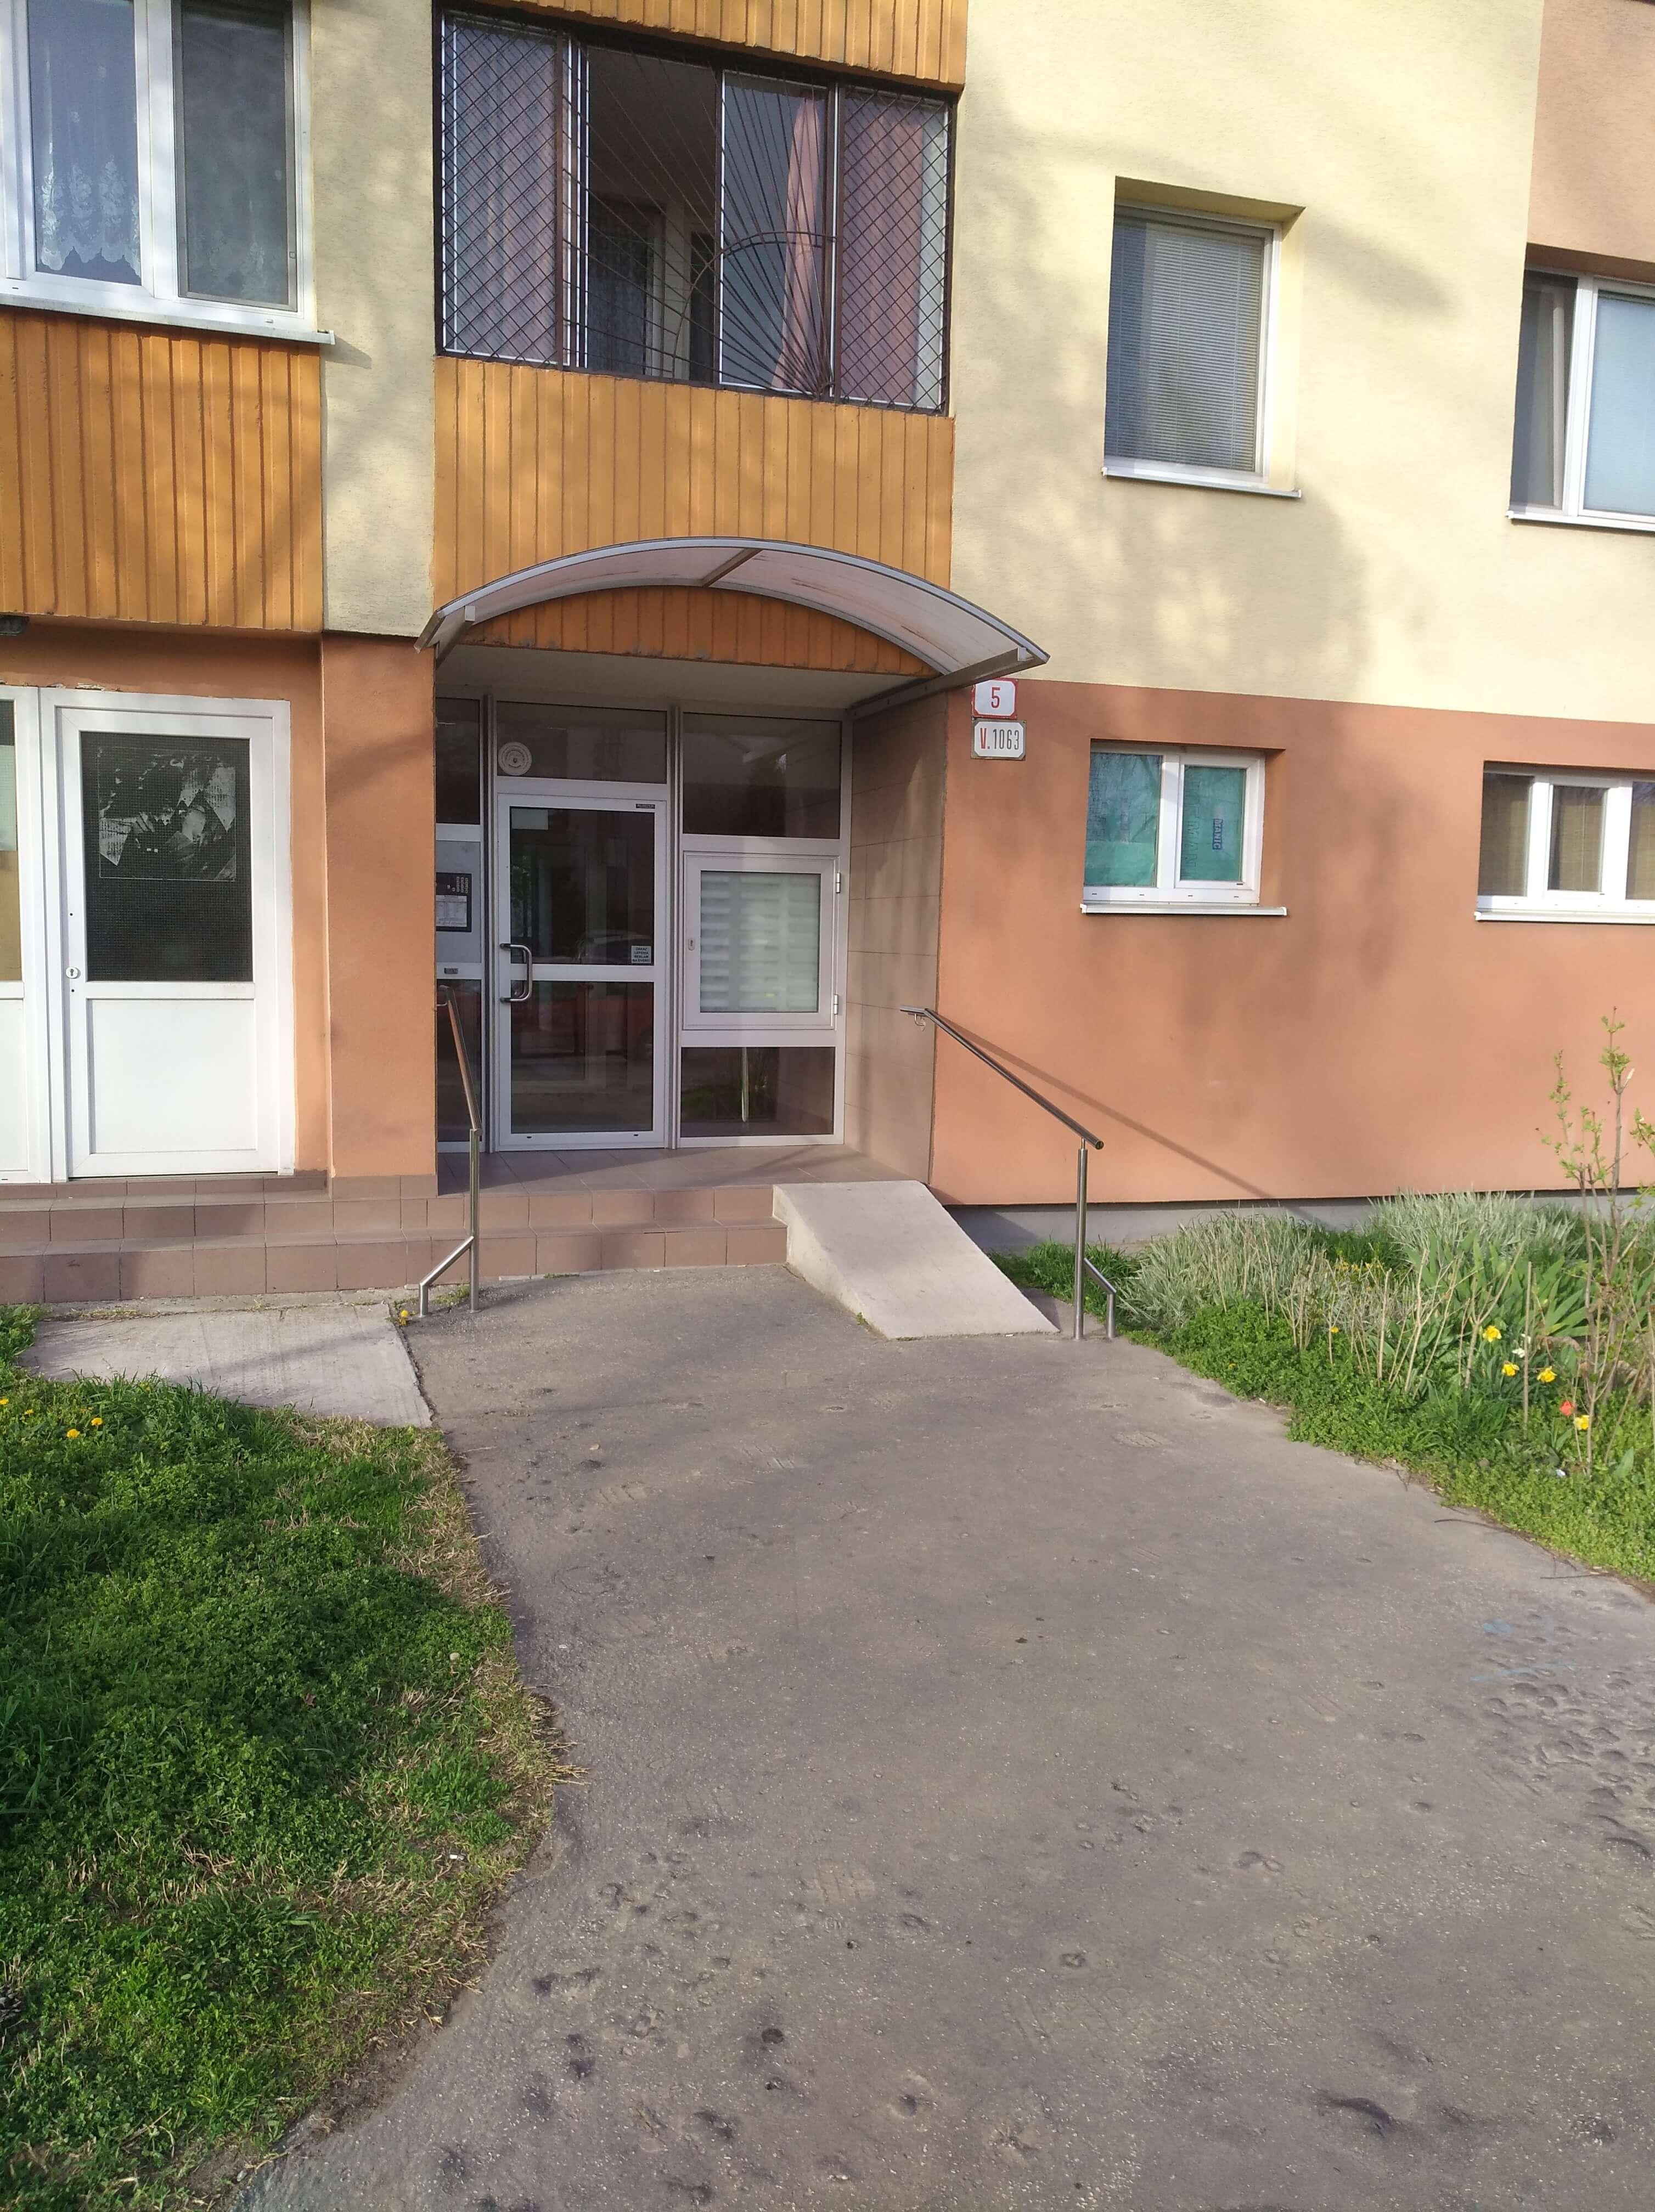 Predaný Byt v pôvodom stave na Švabinského ulici-13